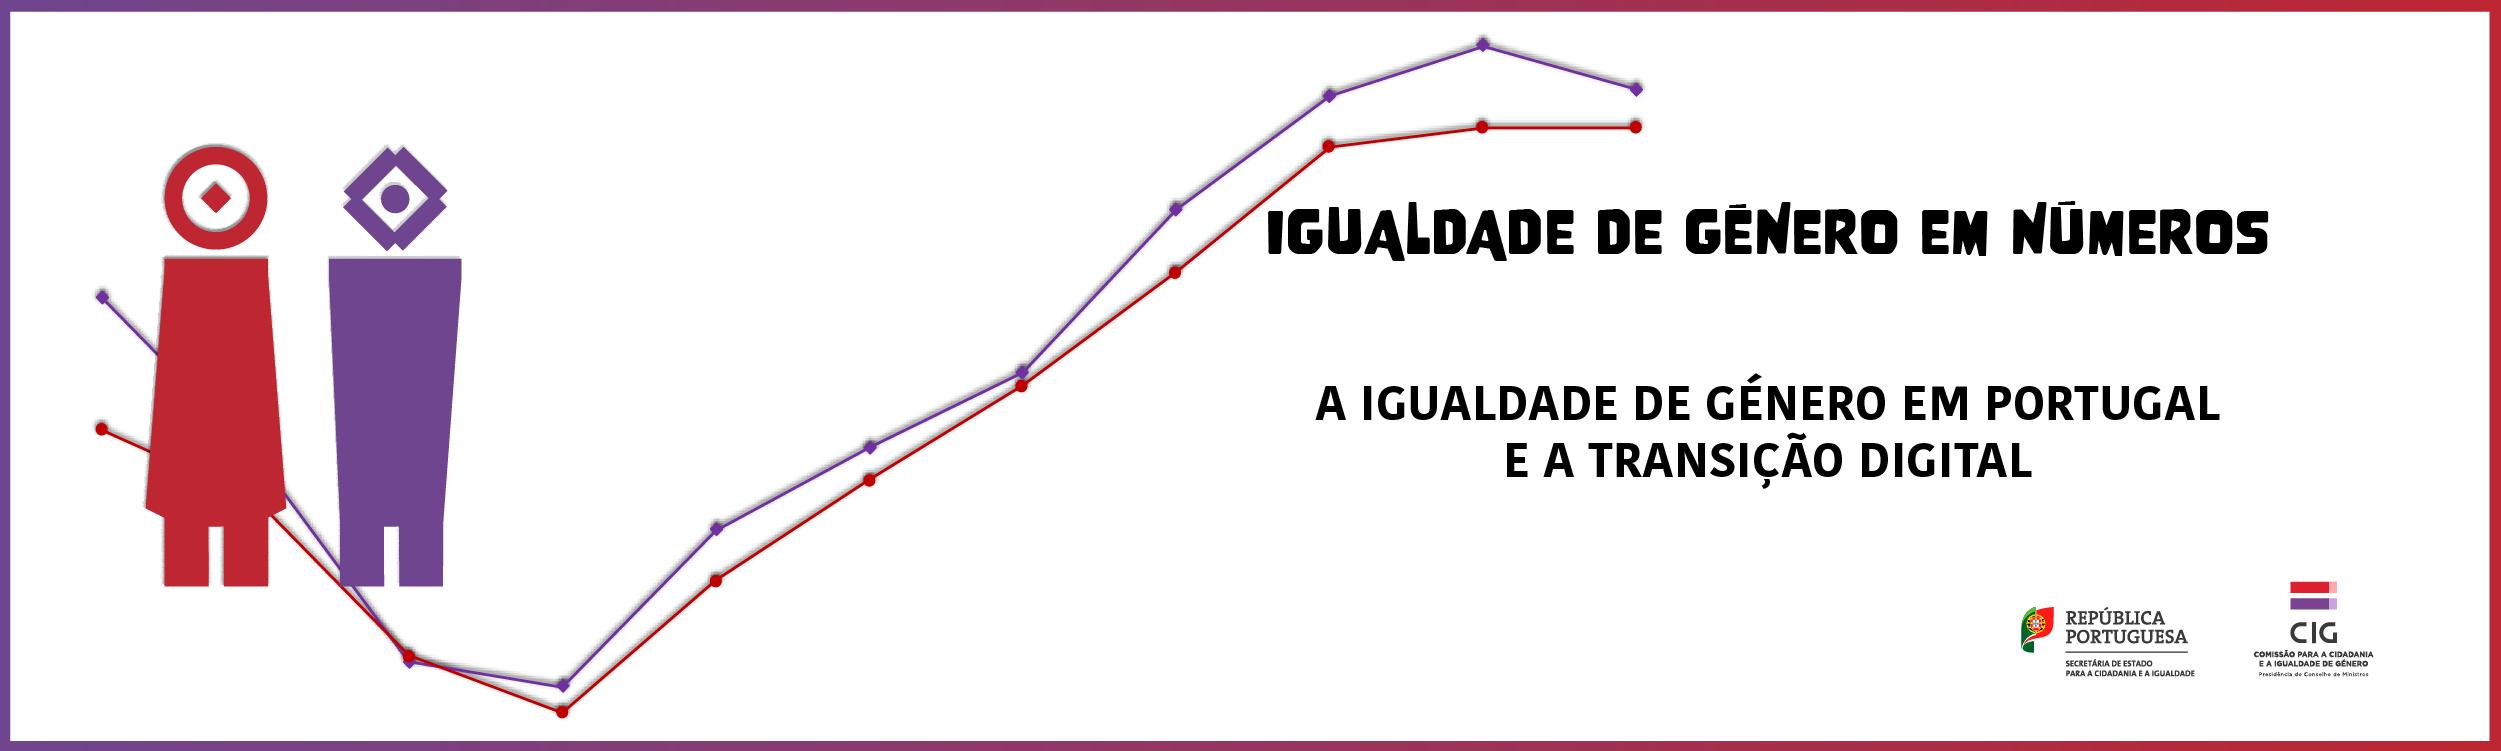 Ilustração representando uma mulher a vermelho e um homeme a roxo sobre um fundo branco e um gráfico ascendente. Título Igualdade de género em números - A igualdade de género em Portugal e a transição digital.. Logótipos de Secretária de Estado para a Cidadania e a Igualdade e Comissõ para a Cidadania e a Igualdade de Género